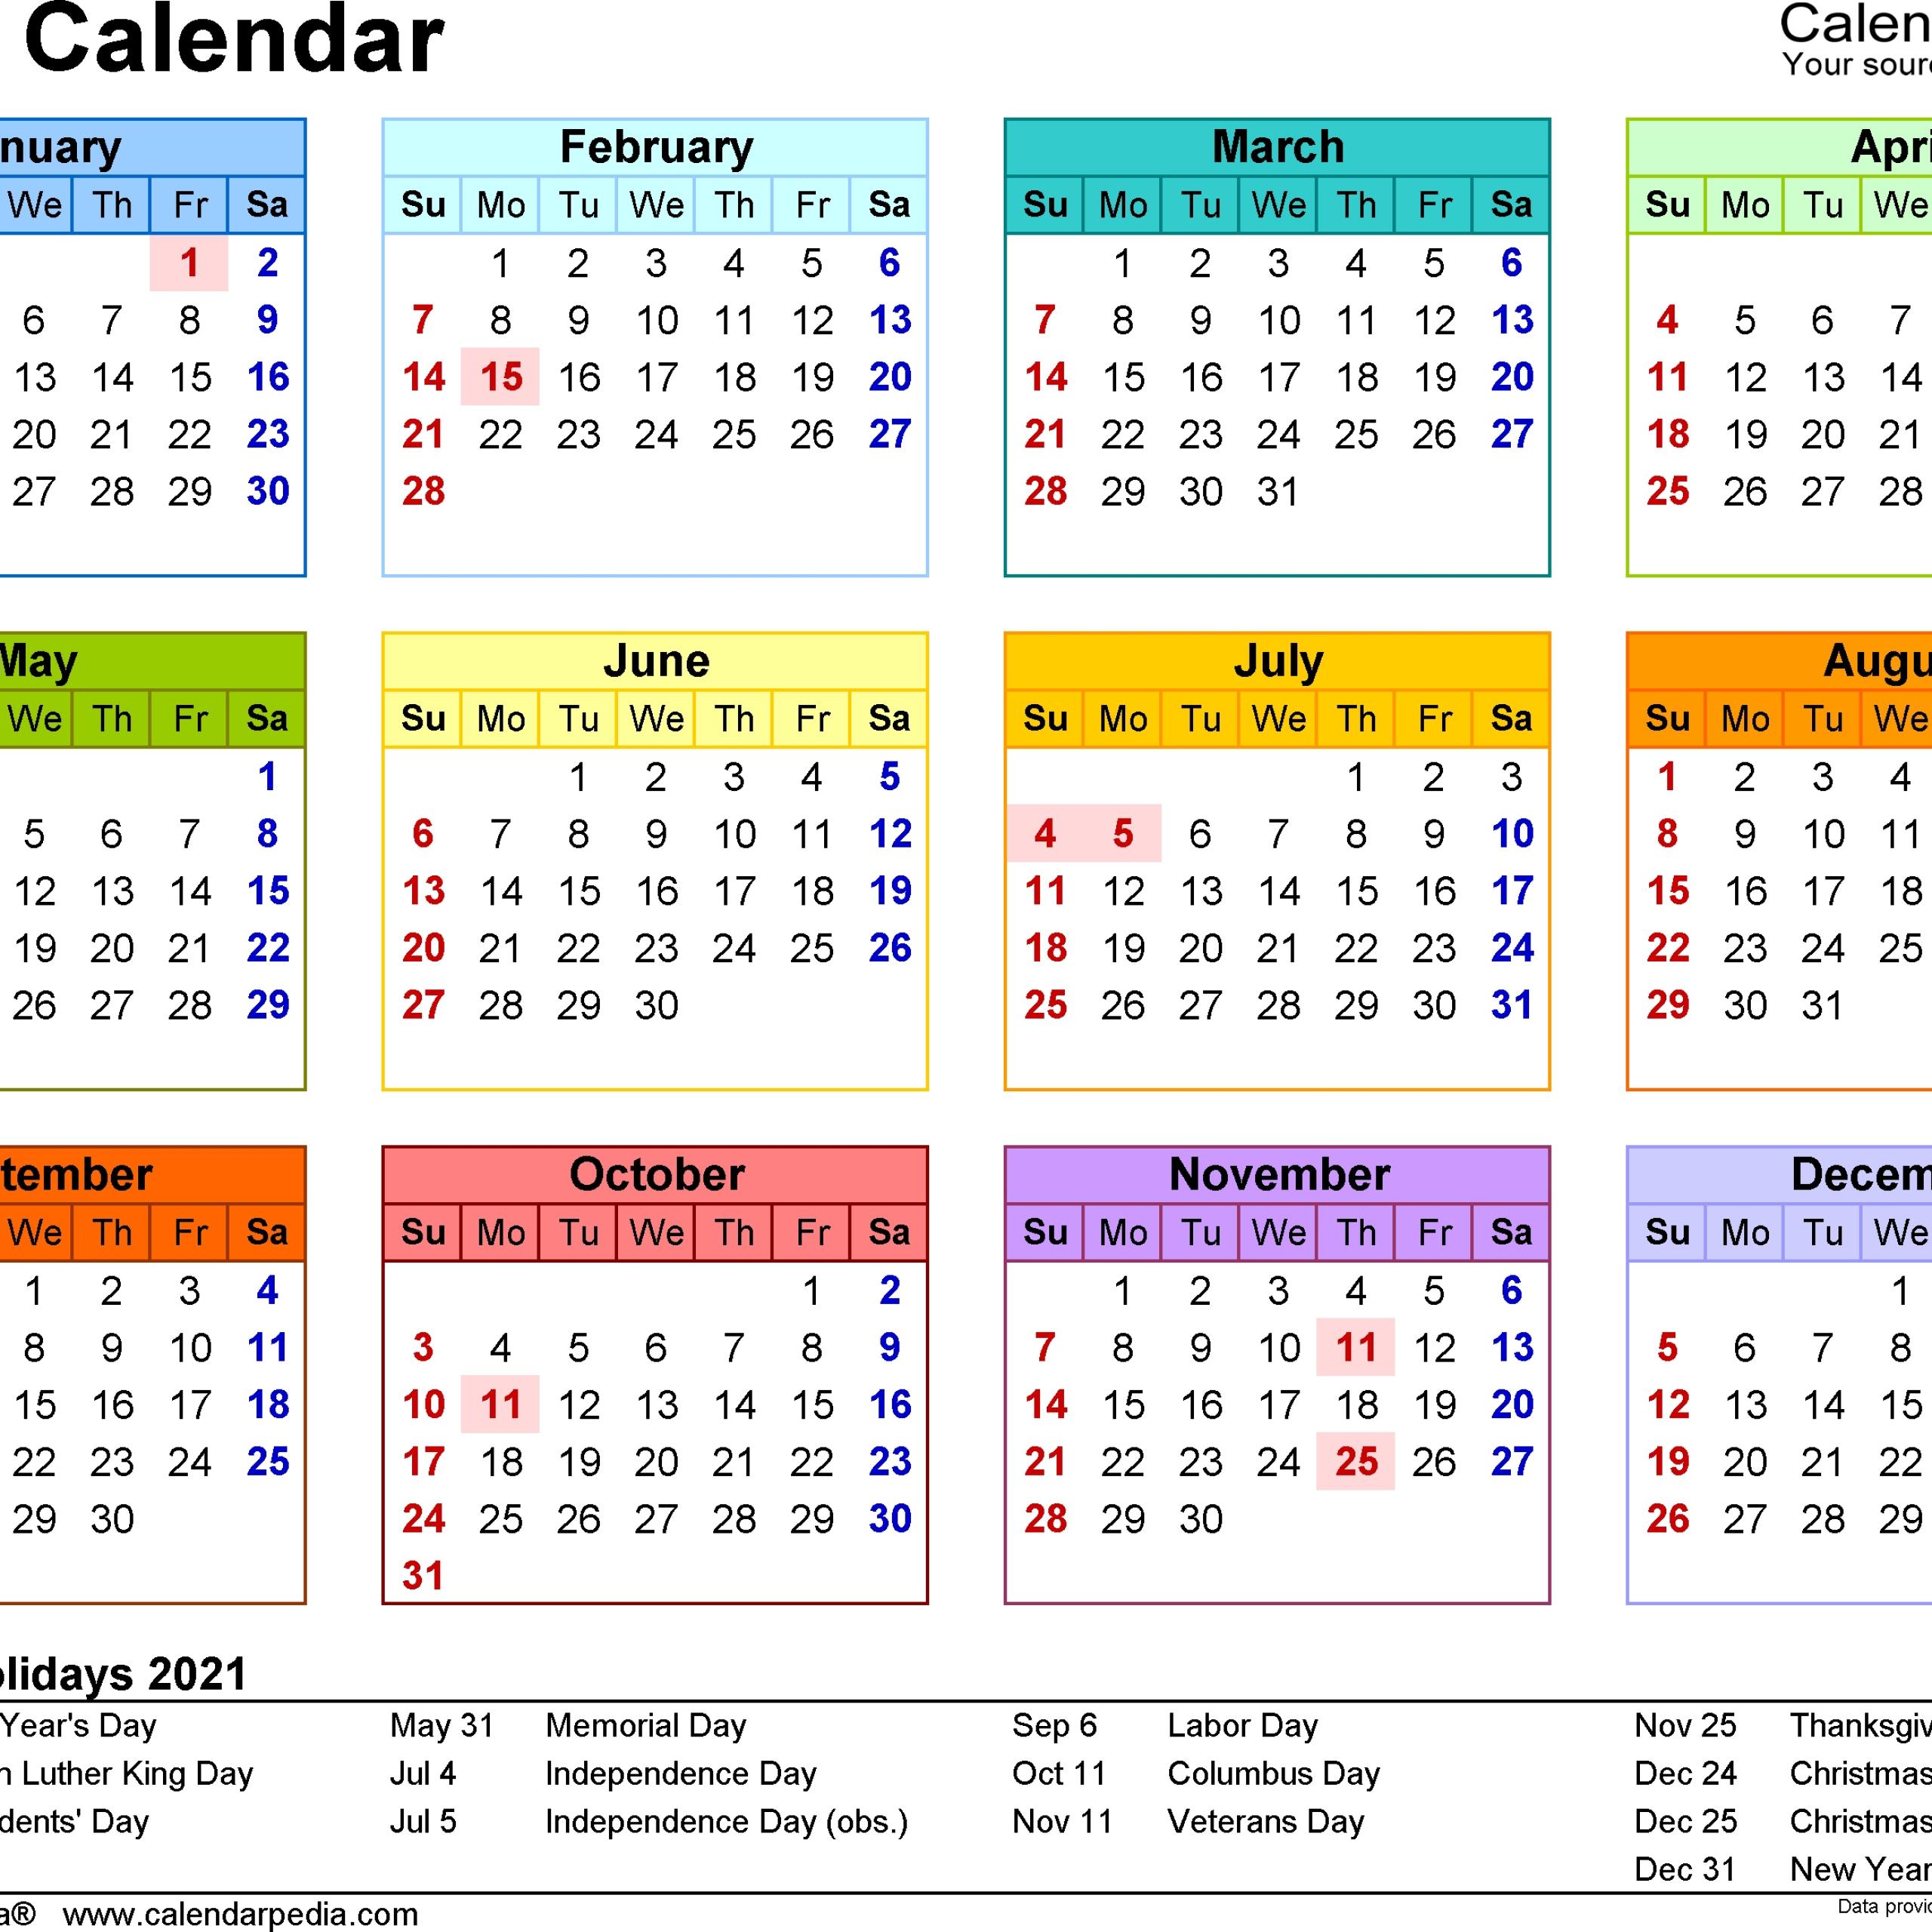 2021 Weekly Calendar Excel Free   Avnitasoni